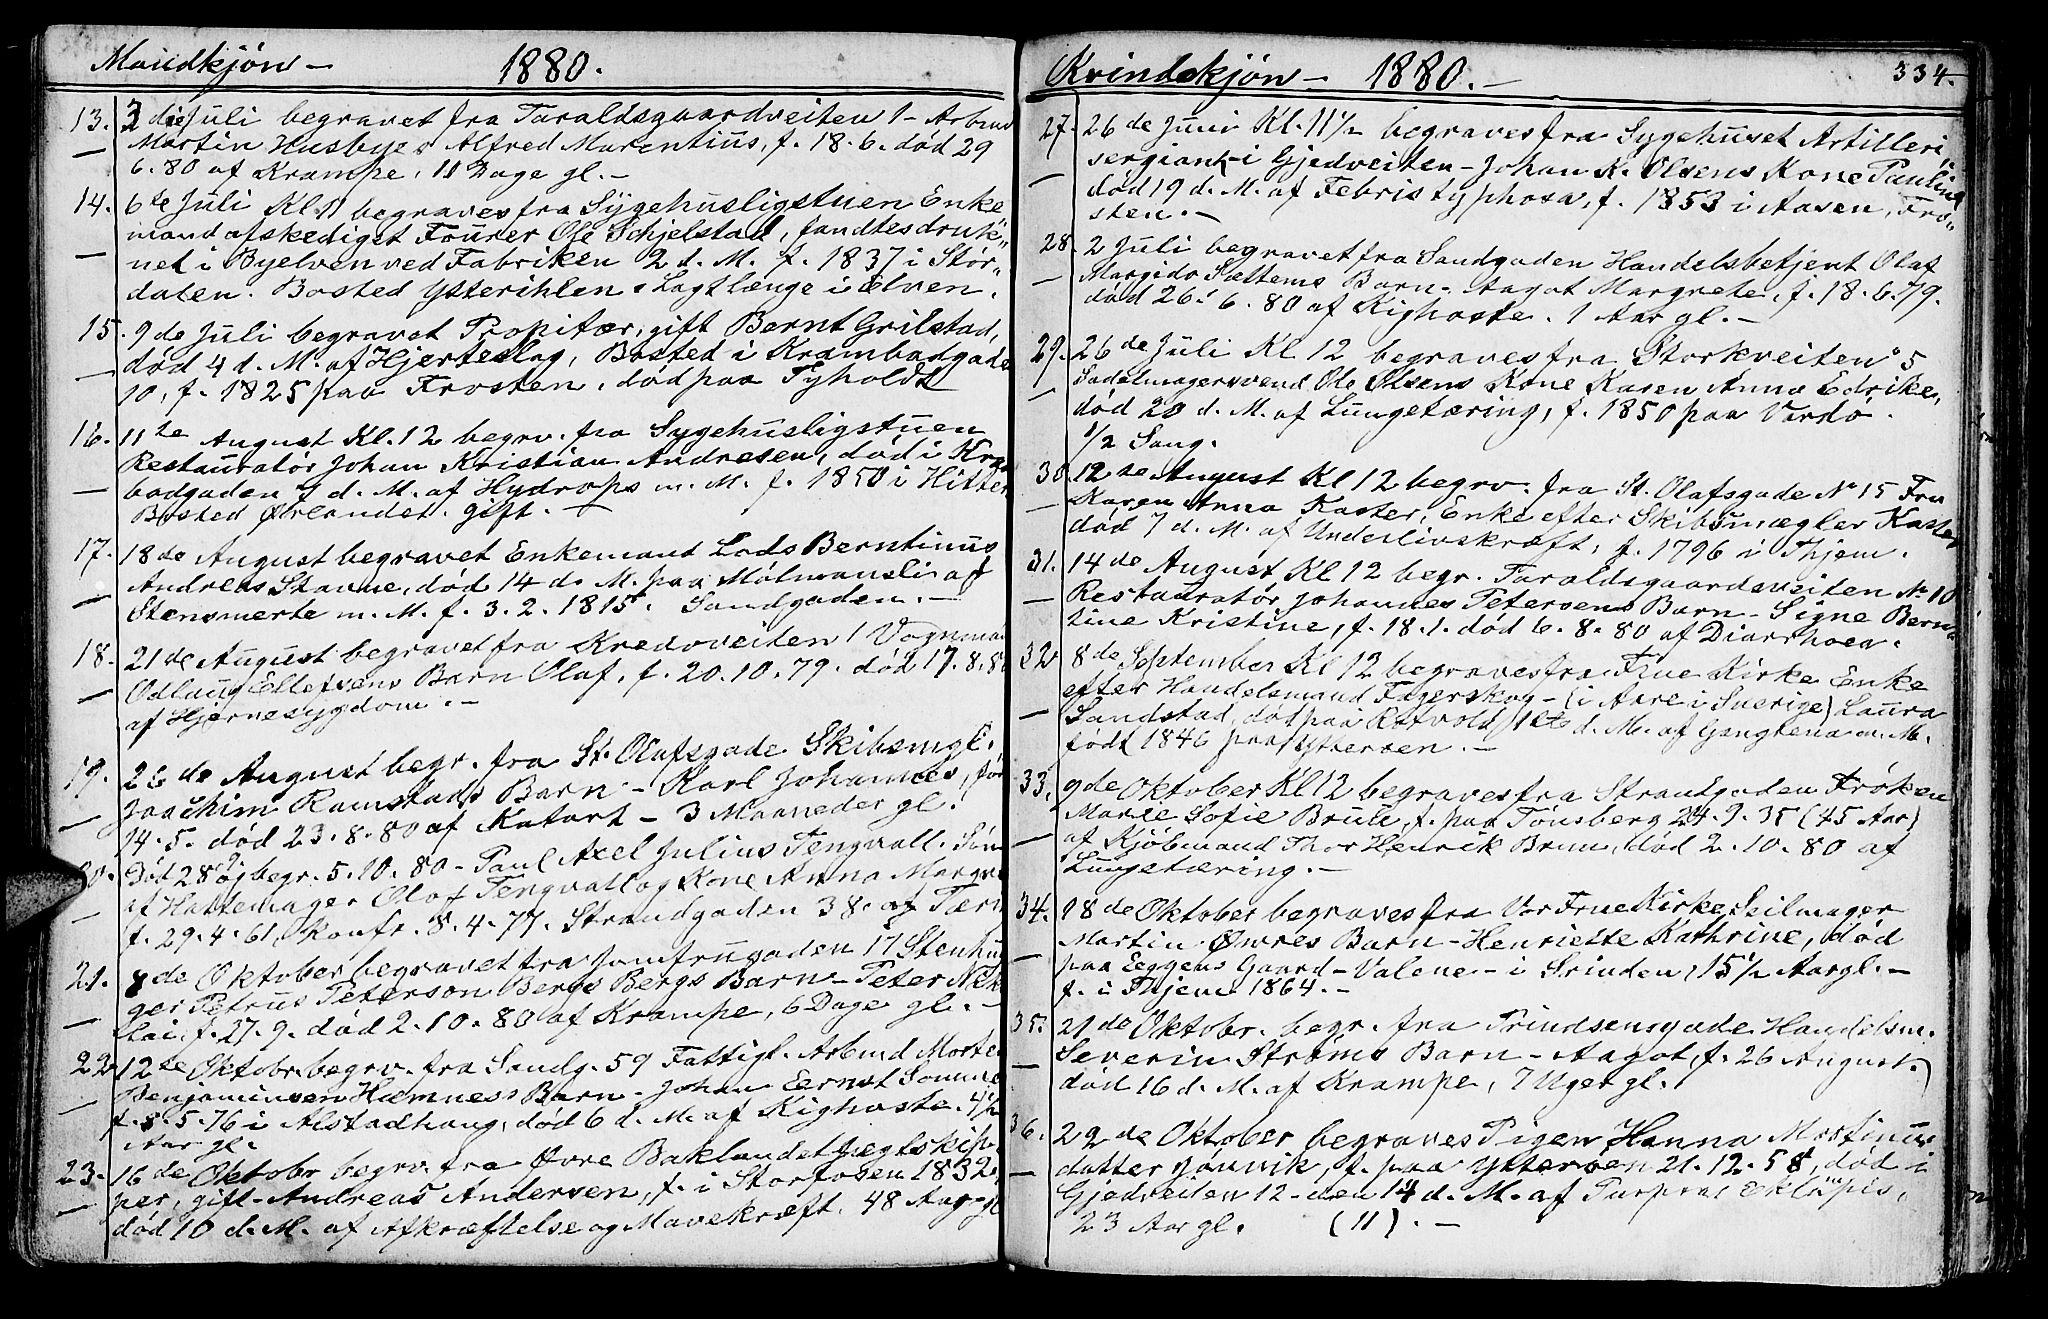 SAT, Ministerialprotokoller, klokkerbøker og fødselsregistre - Sør-Trøndelag, 602/L0142: Klokkerbok nr. 602C10, 1872-1894, s. 334